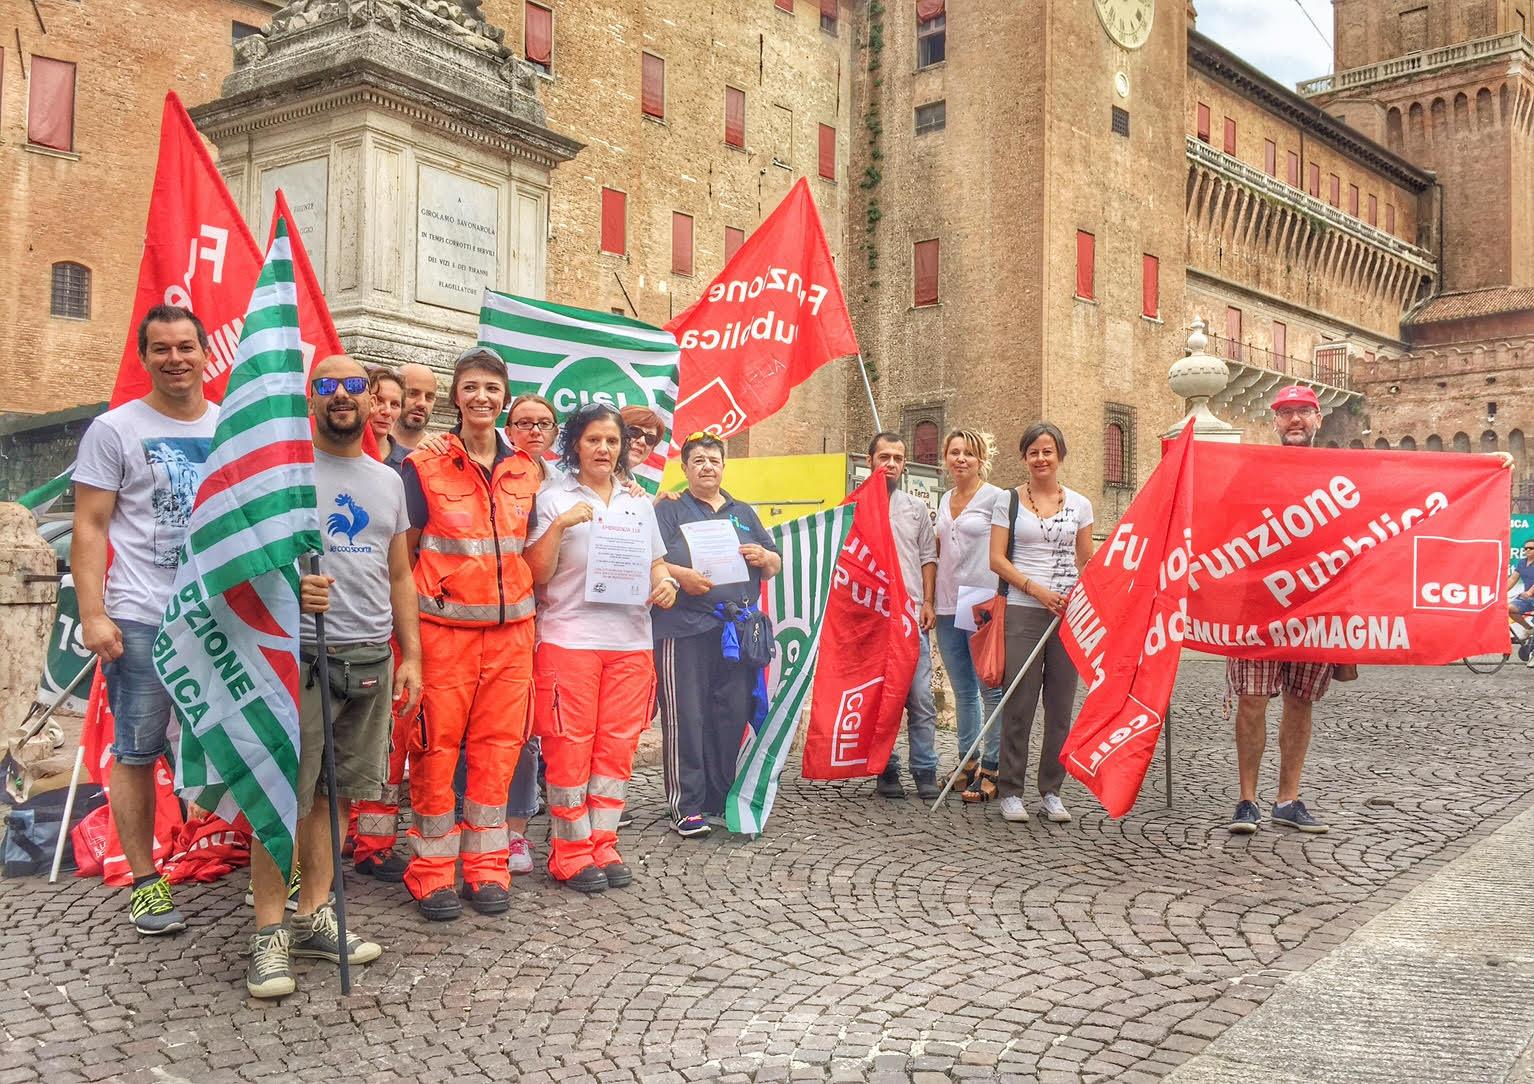 118 e volontariato, a Ferrara è caos. Il nuovo affidamento scatena le proteste dei lavoratori professionisti